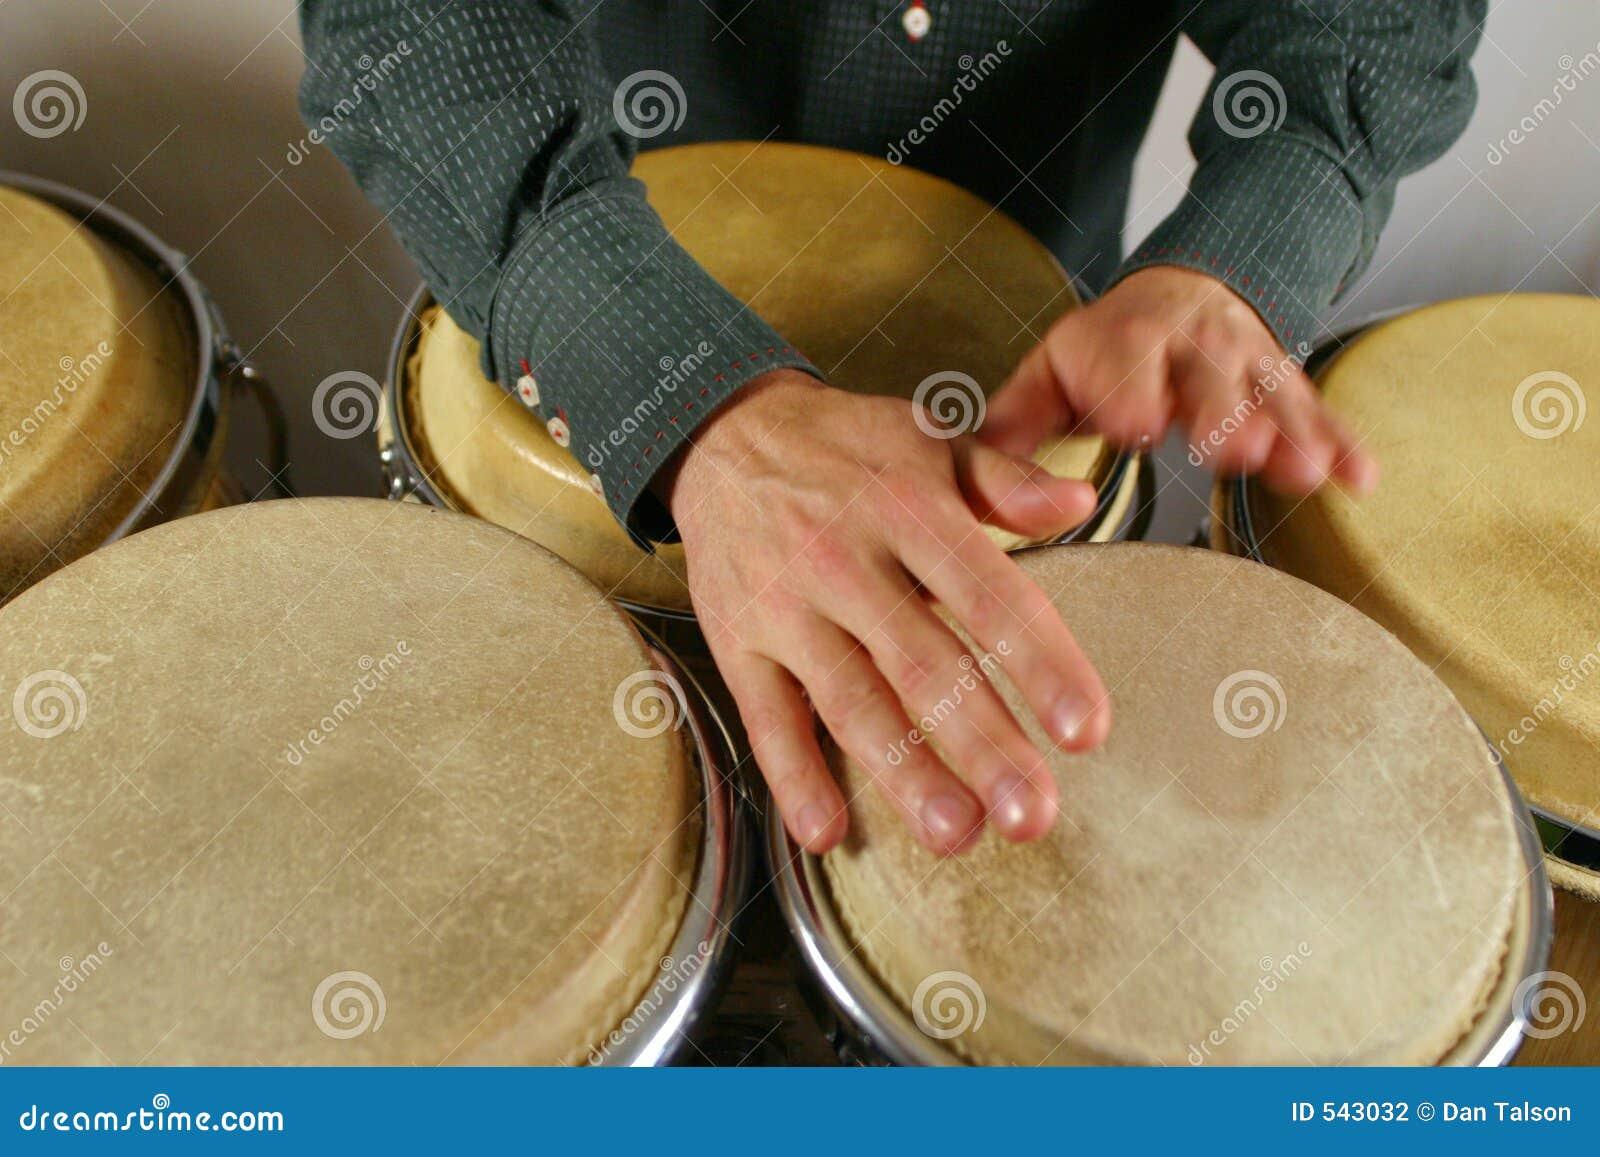 Download 鼓手递s 库存照片. 图片 包括有 鼓手, 轻拍, 时间, 皮肤, 打鼓, 节奏, 手指, 音乐, 命中, 步幅 - 543032